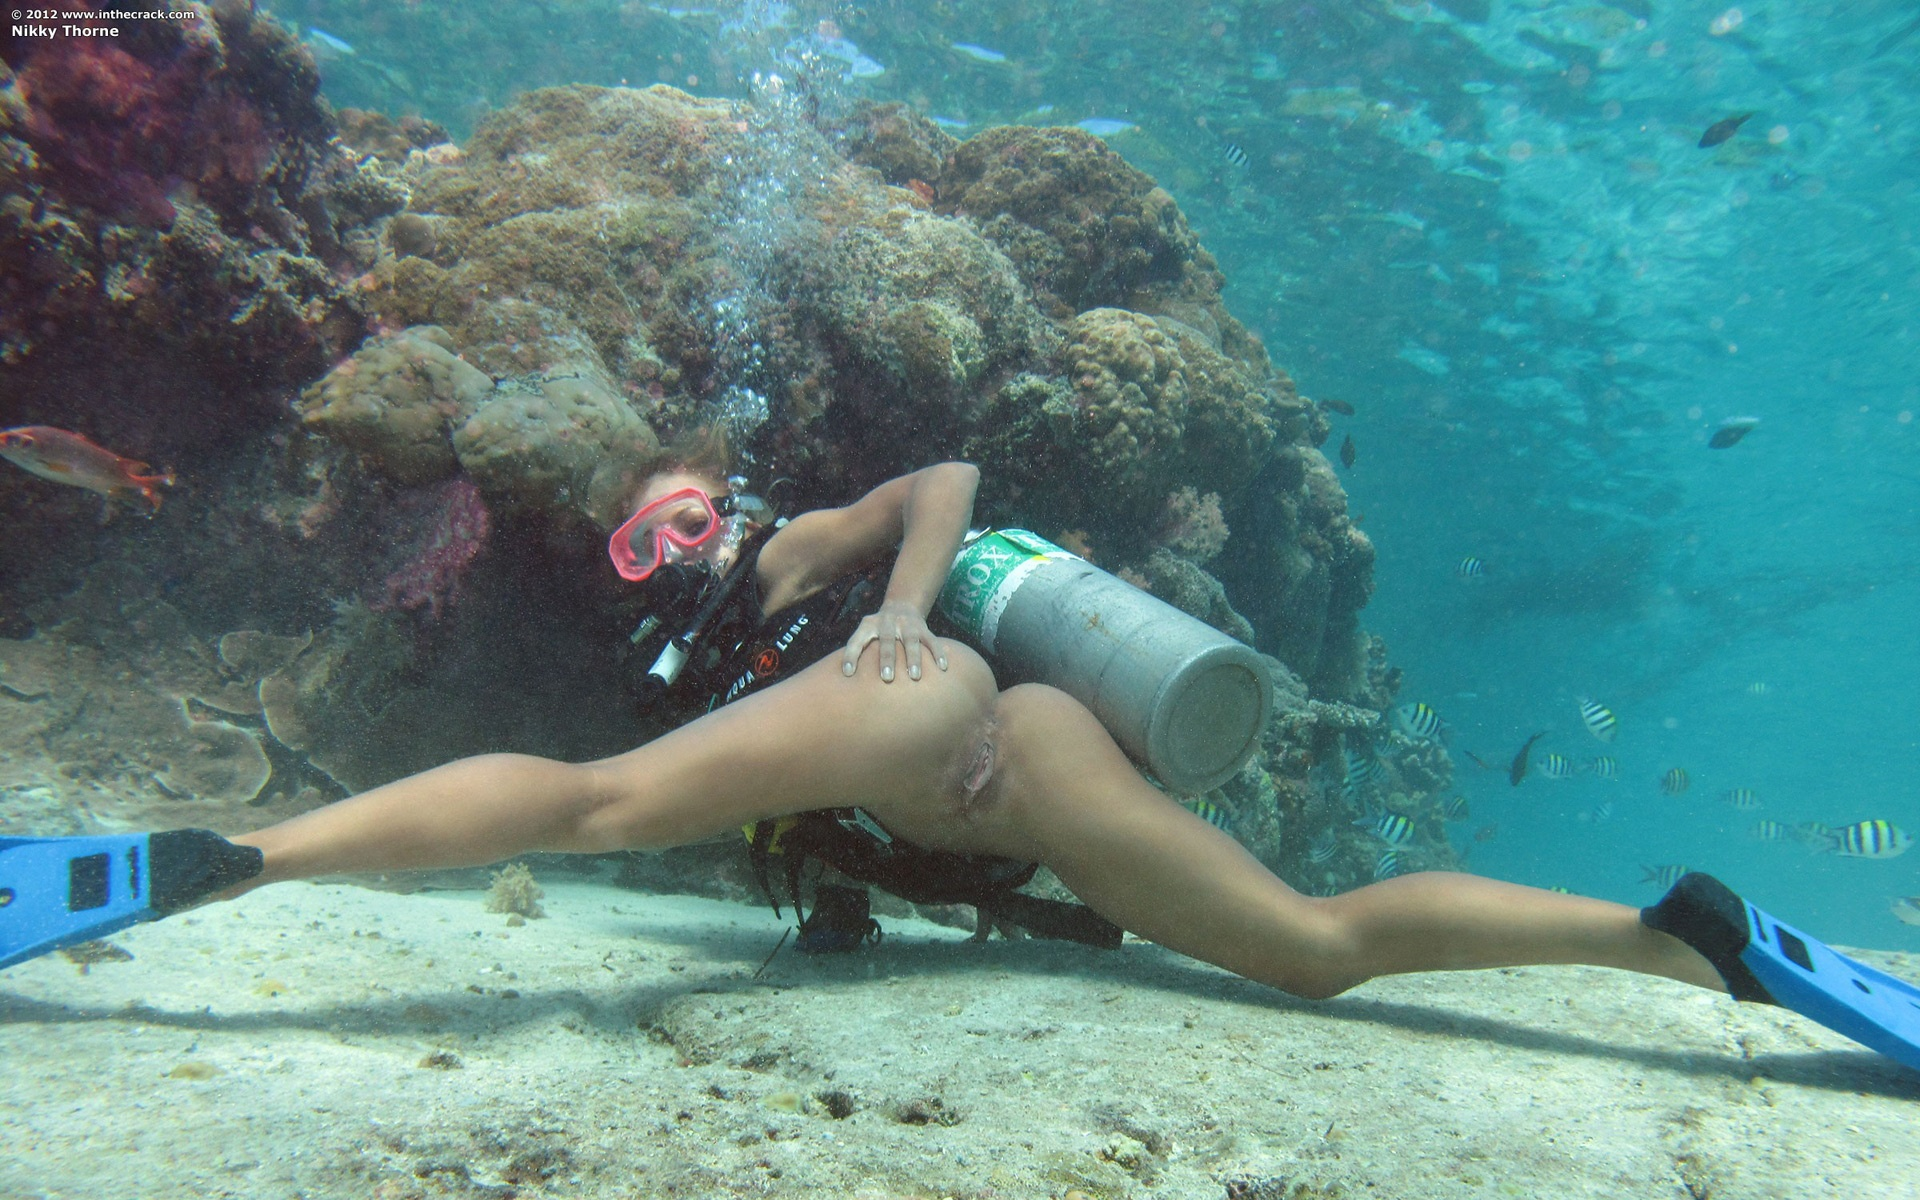 Эротика с аквалангом 14 фотография